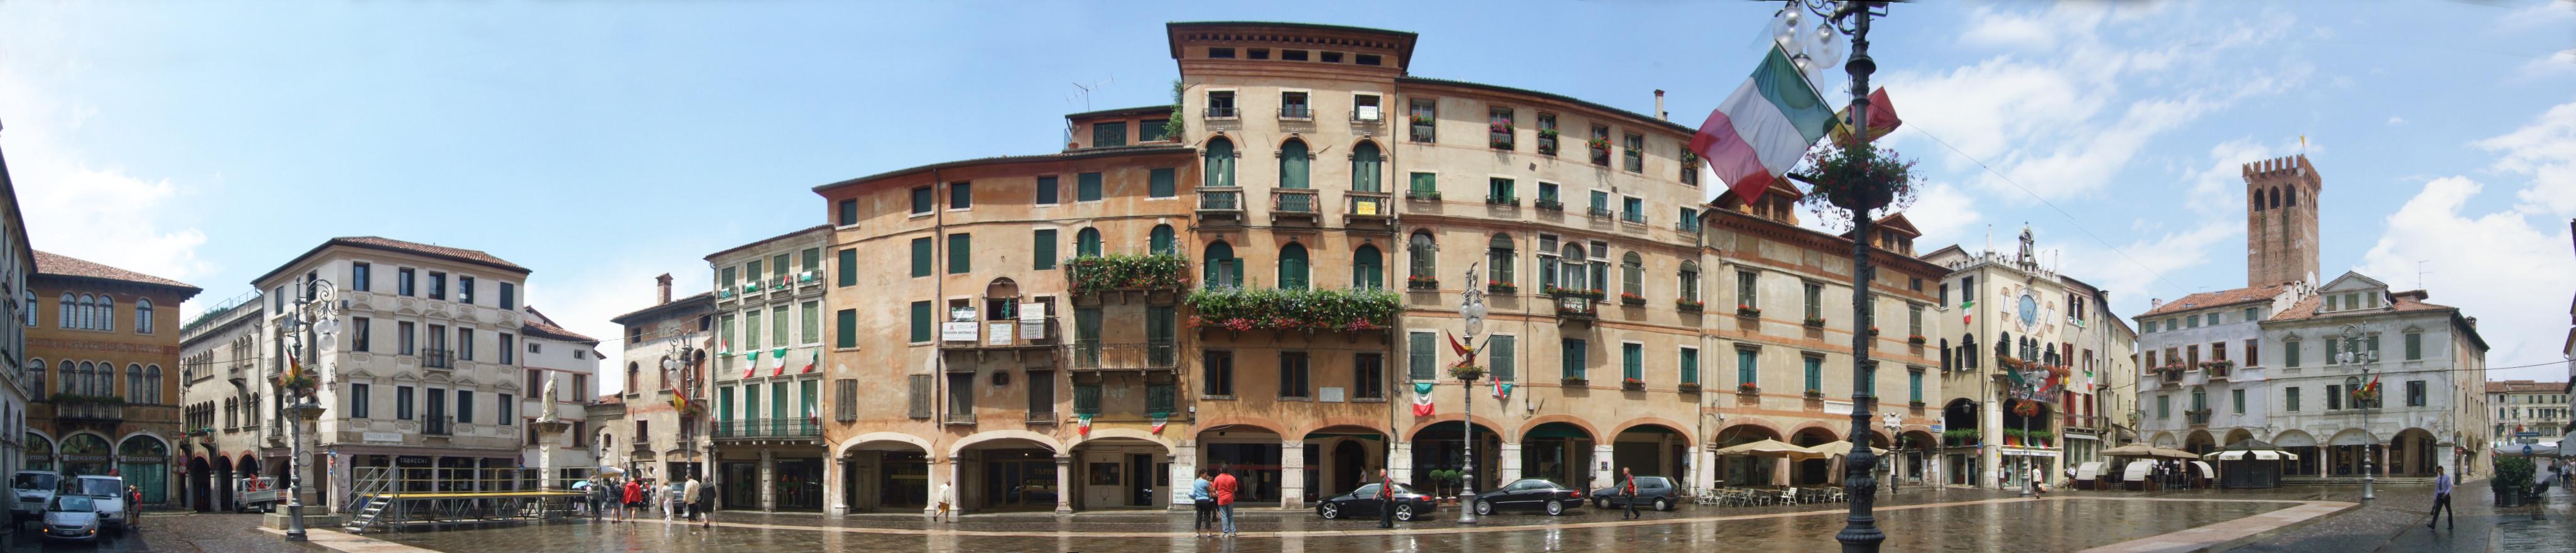 Bassano Del Grappa Italy  City new picture : Bassano del Grappa Piazza della Liberta Wikipedia